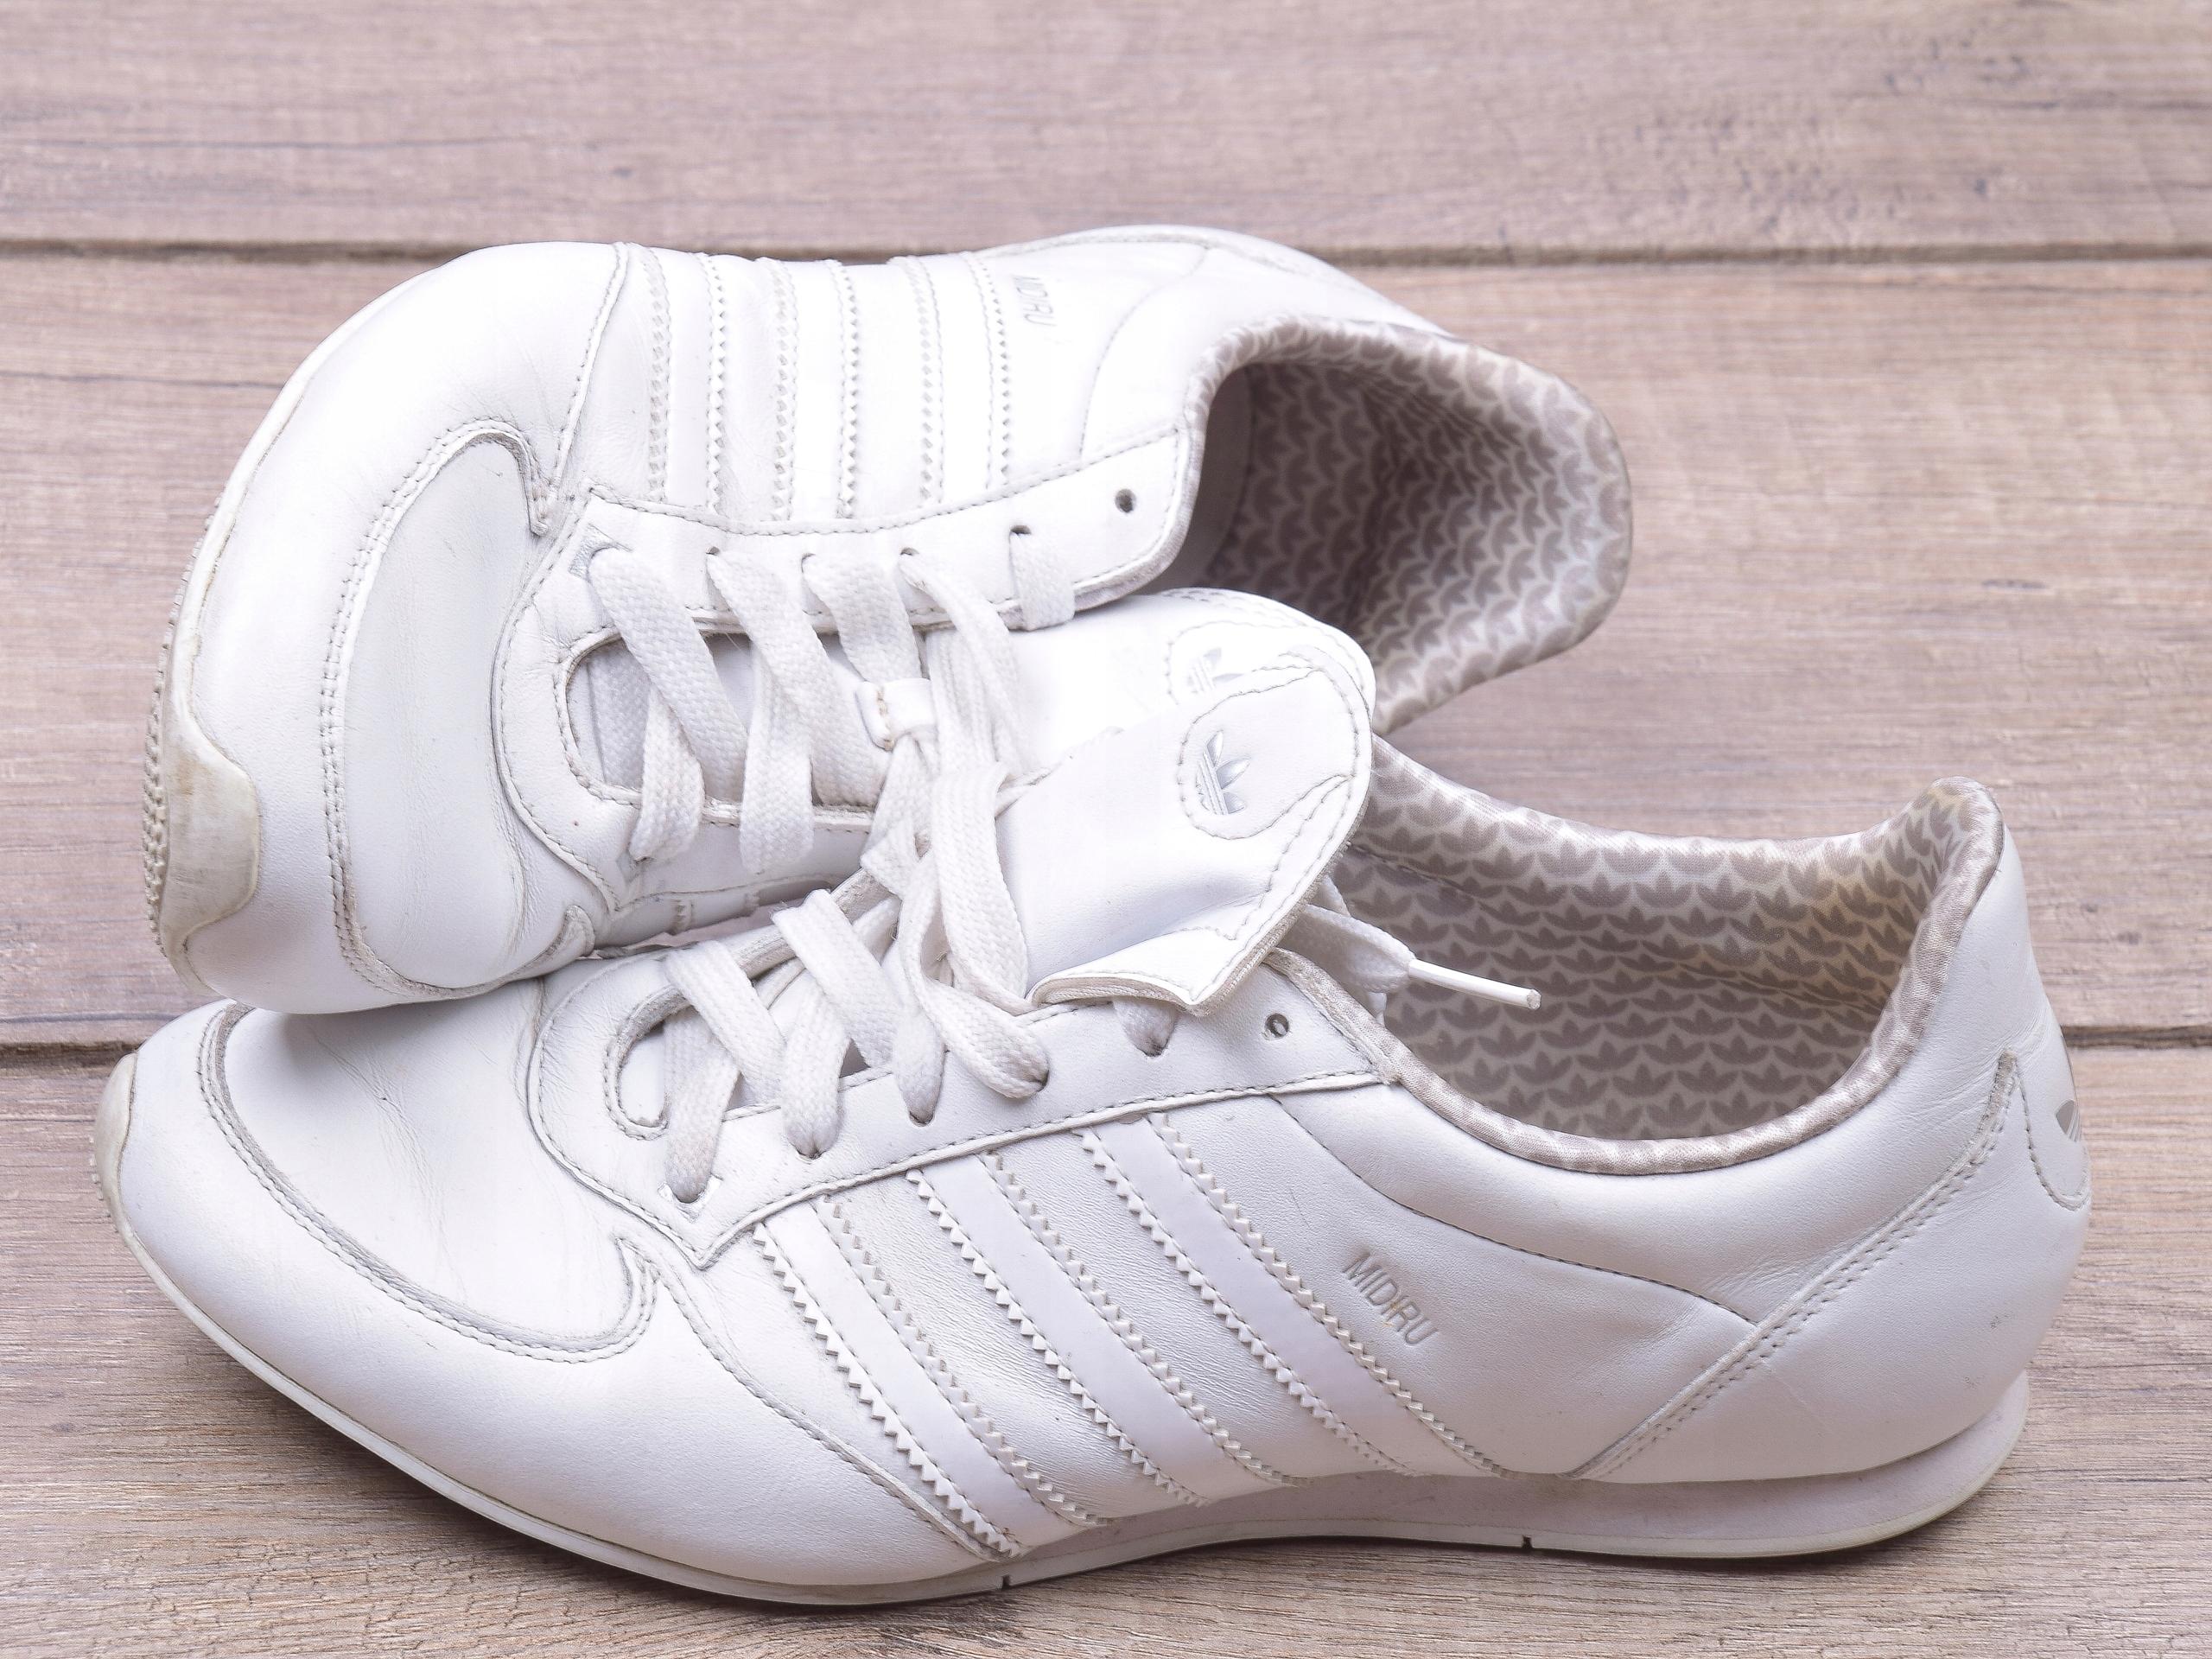 ADIDAS Midiru Skórzane buty SPORTOWE 38 23 OKAZJA